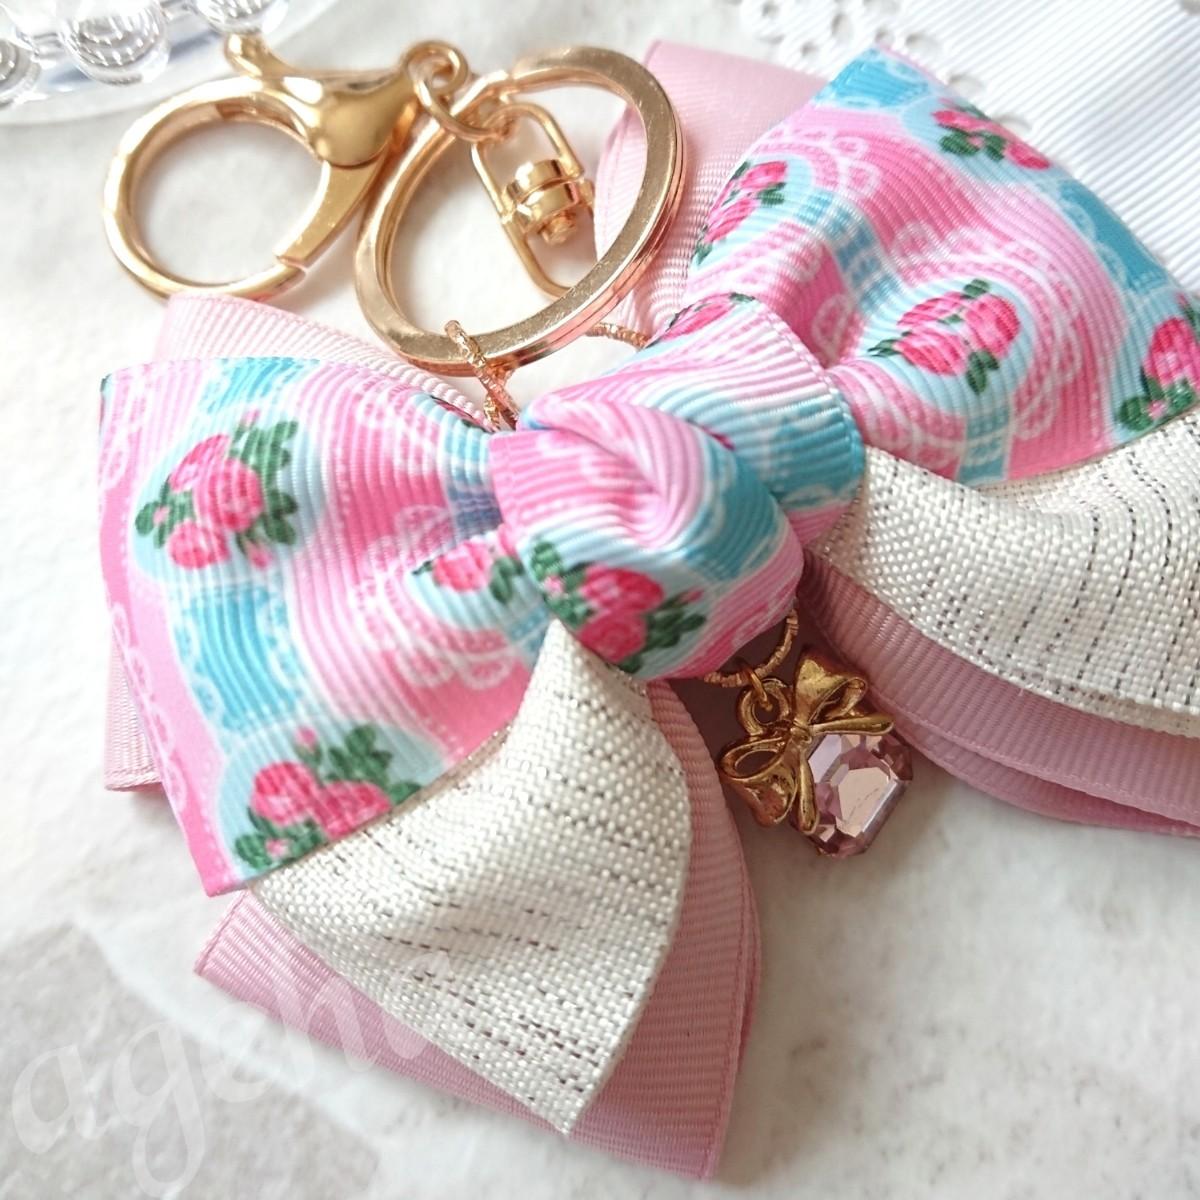 ハンドメイド お花柄ストライプ×シルバーリボン×薄ピンク バッグチャーム